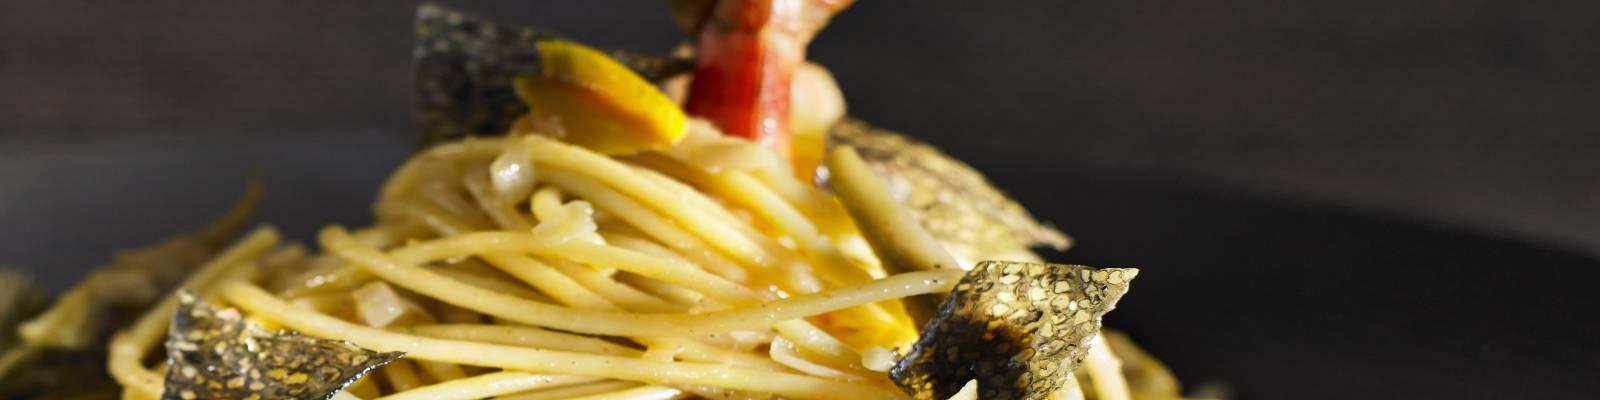 Pasta Garofalo - Spaghetti, Gamberetti e petali di caviale